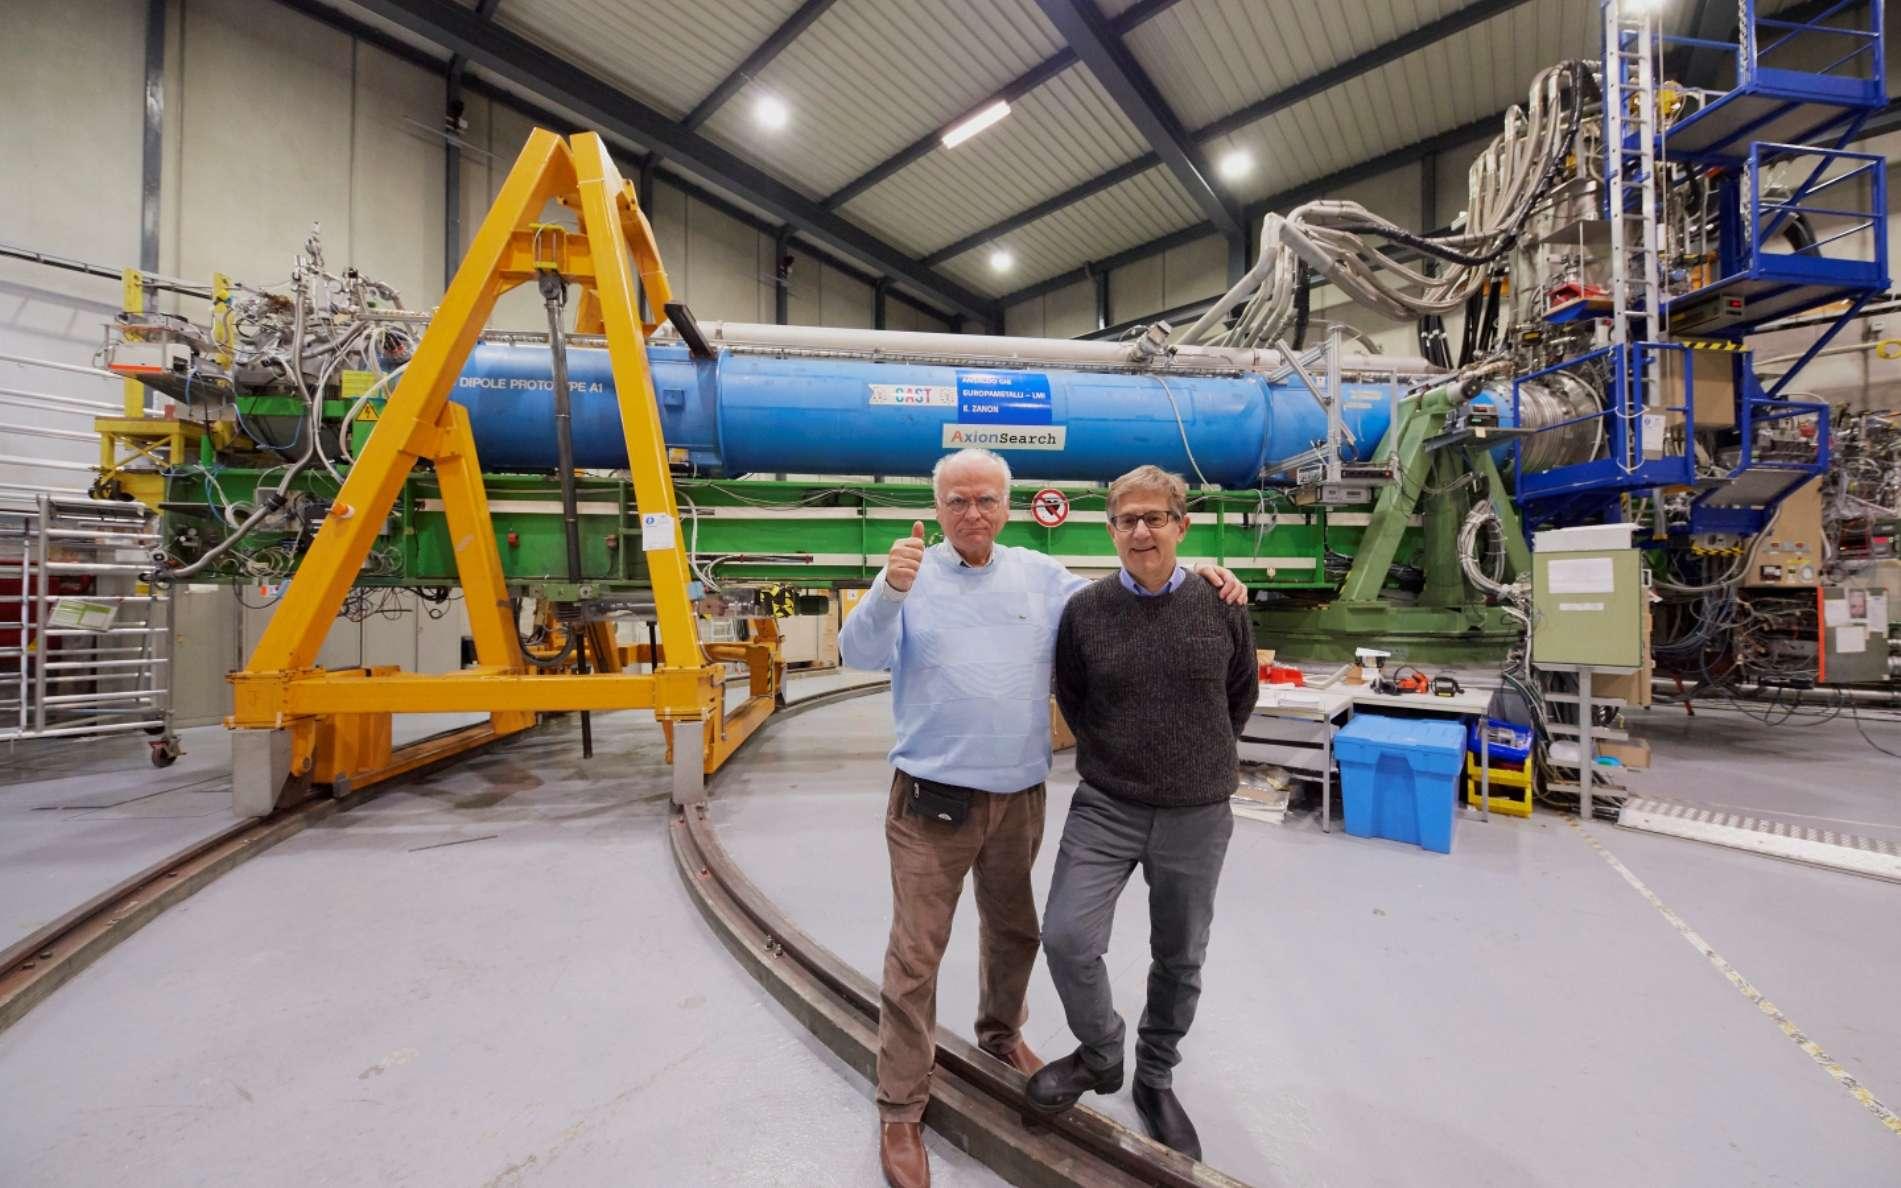 Konstantin Zioutas et Giovanni Cantatore, porte-parole de l'expérience Cast, ont participé à cette expérience censée détecter des particules exotiques émises par le trou noir situé au centre de notre galaxie. © Maximilien Brice, Cern